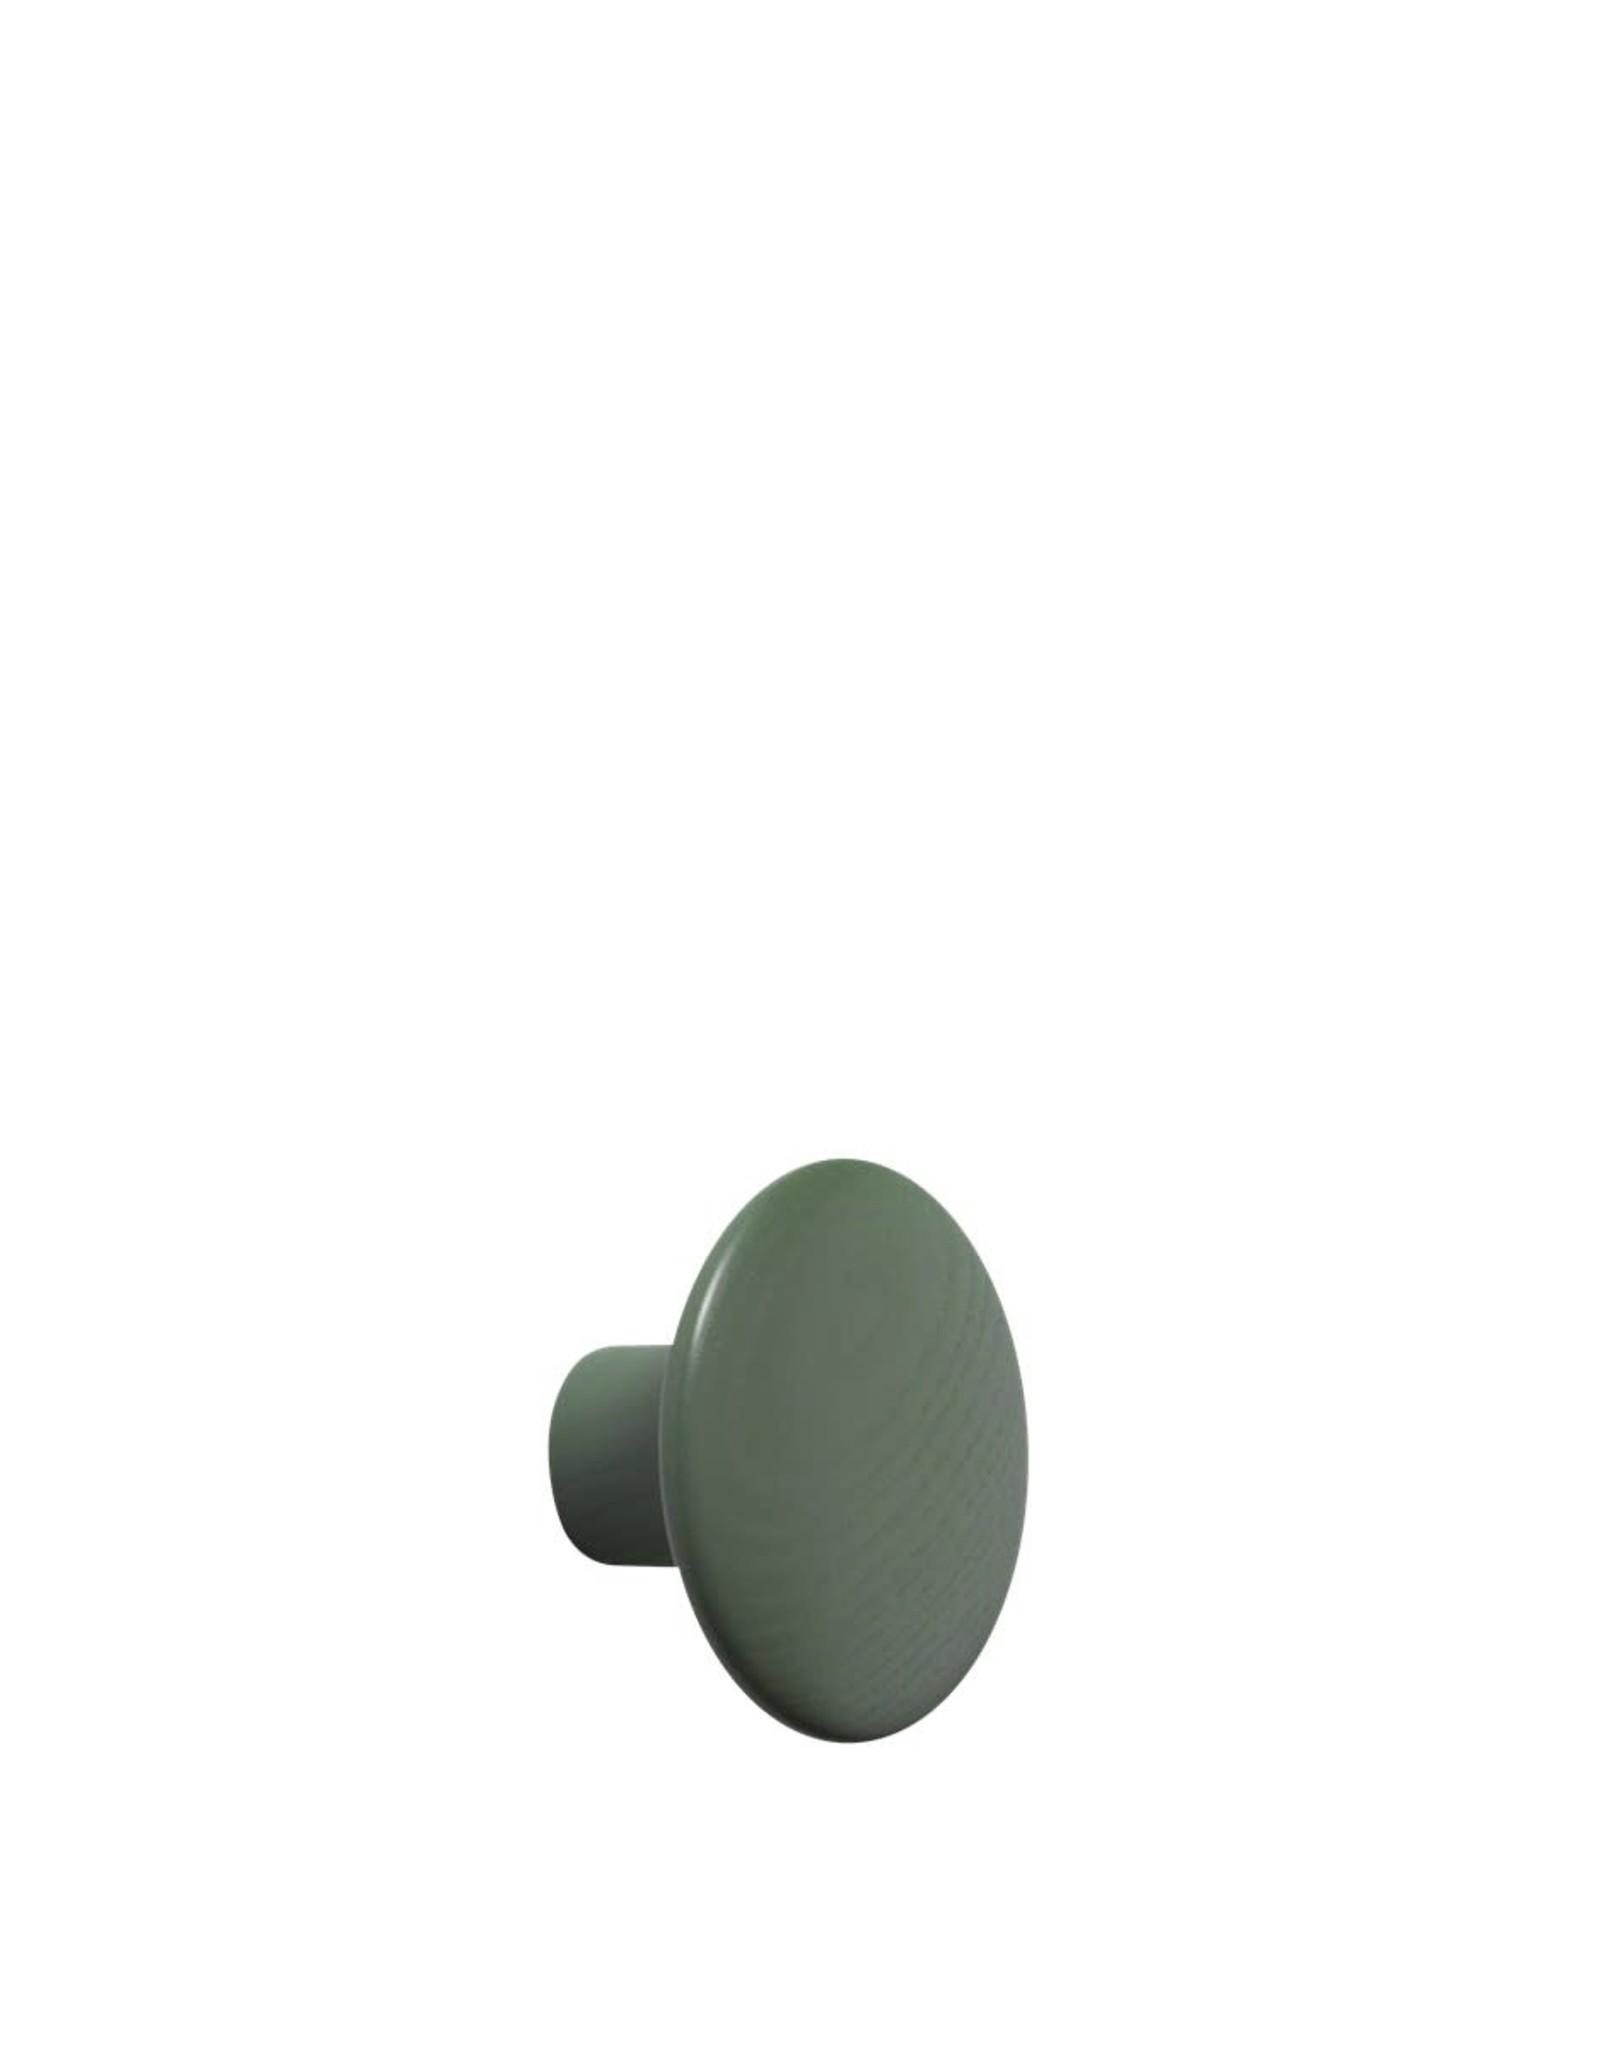 Muuto Muuto Dots Wood 9cm Dusty Green